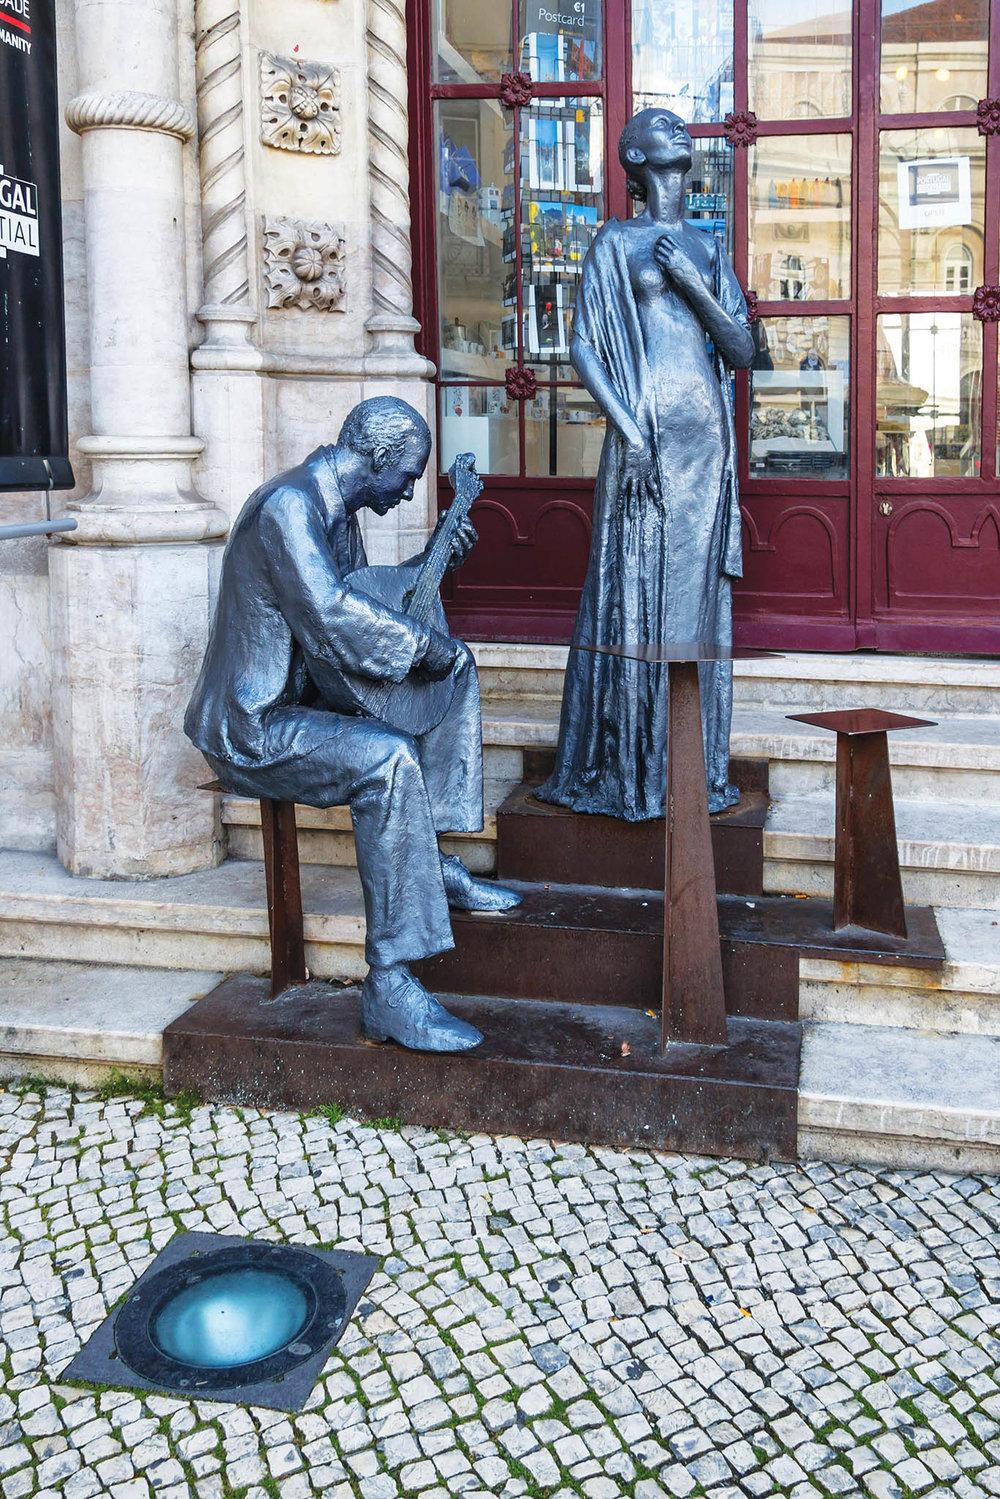 表現葡萄牙民謠「法多」演出場景的銅像矗立在羅西烏廣場車站前,表達著葡萄牙人對這種藝術形式的熱愛。Damira / shutterstock.com